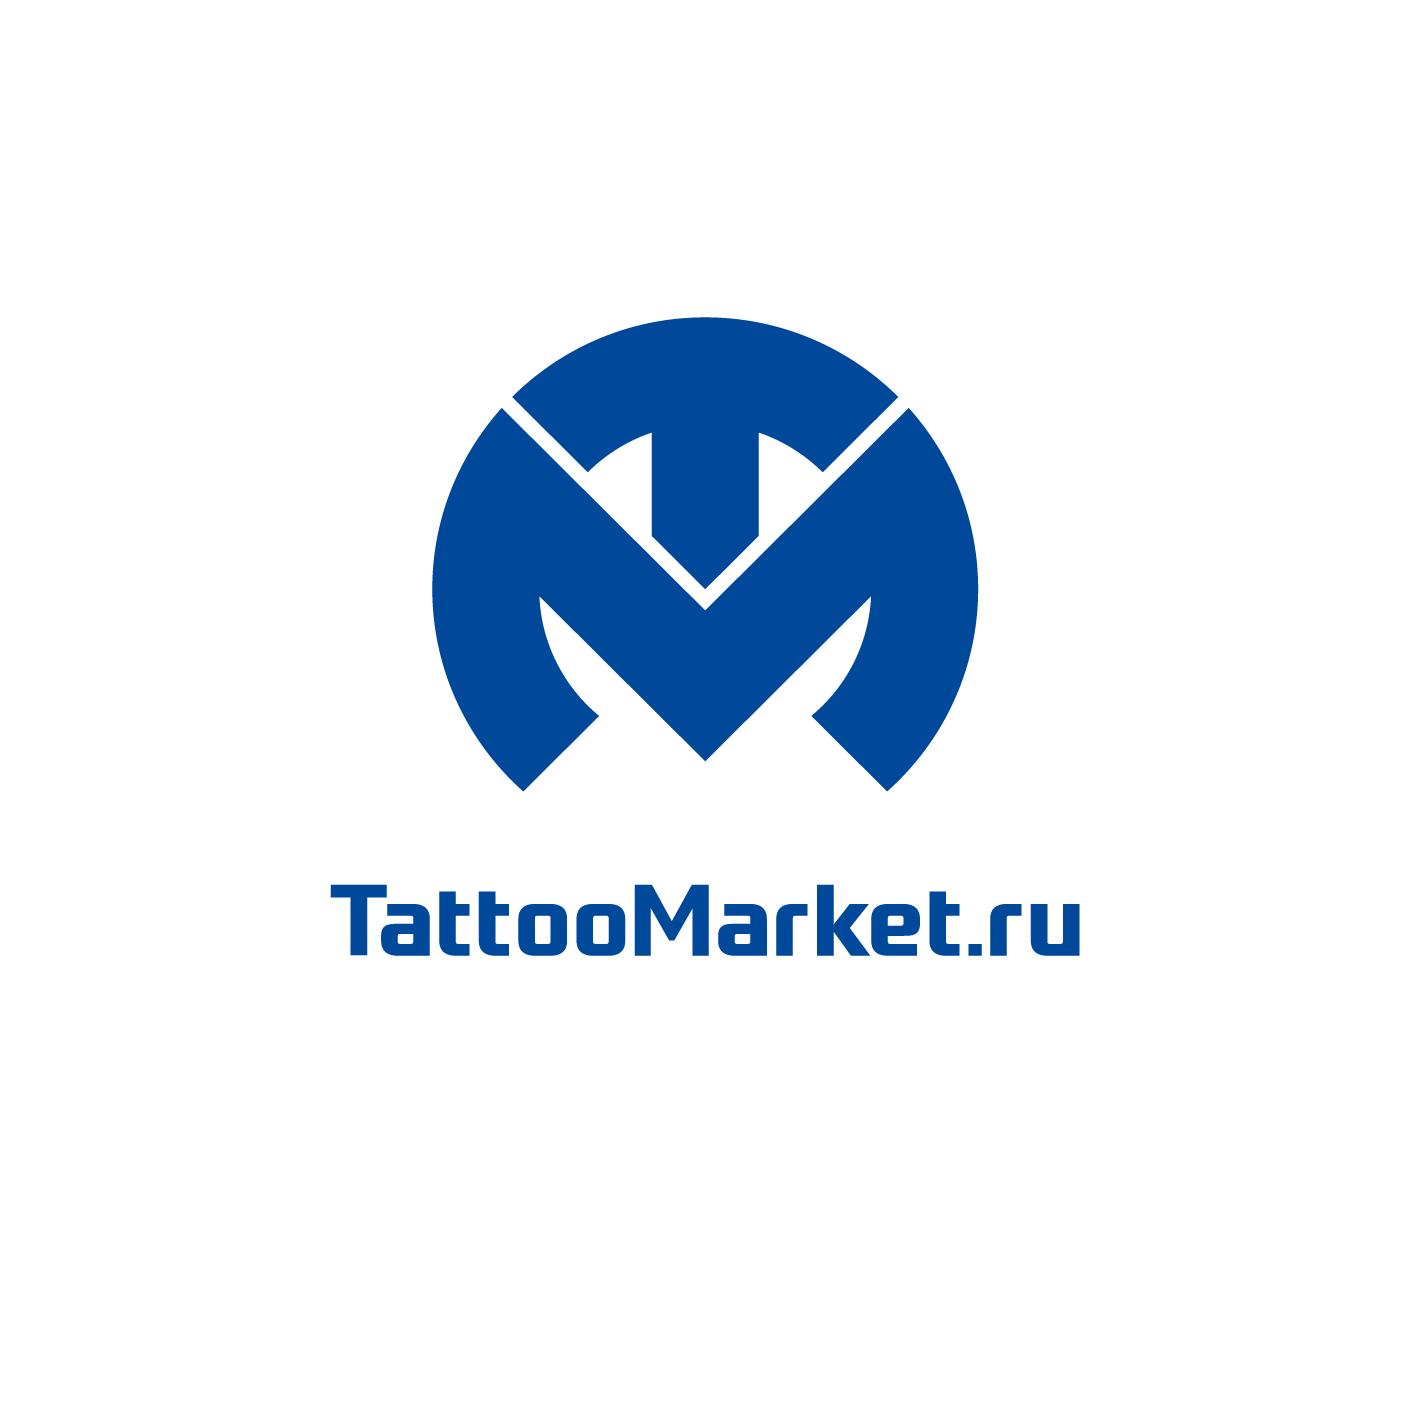 Редизайн логотипа магазина тату оборудования TattooMarket.ru фото f_4005c38e29b2b0cb.png